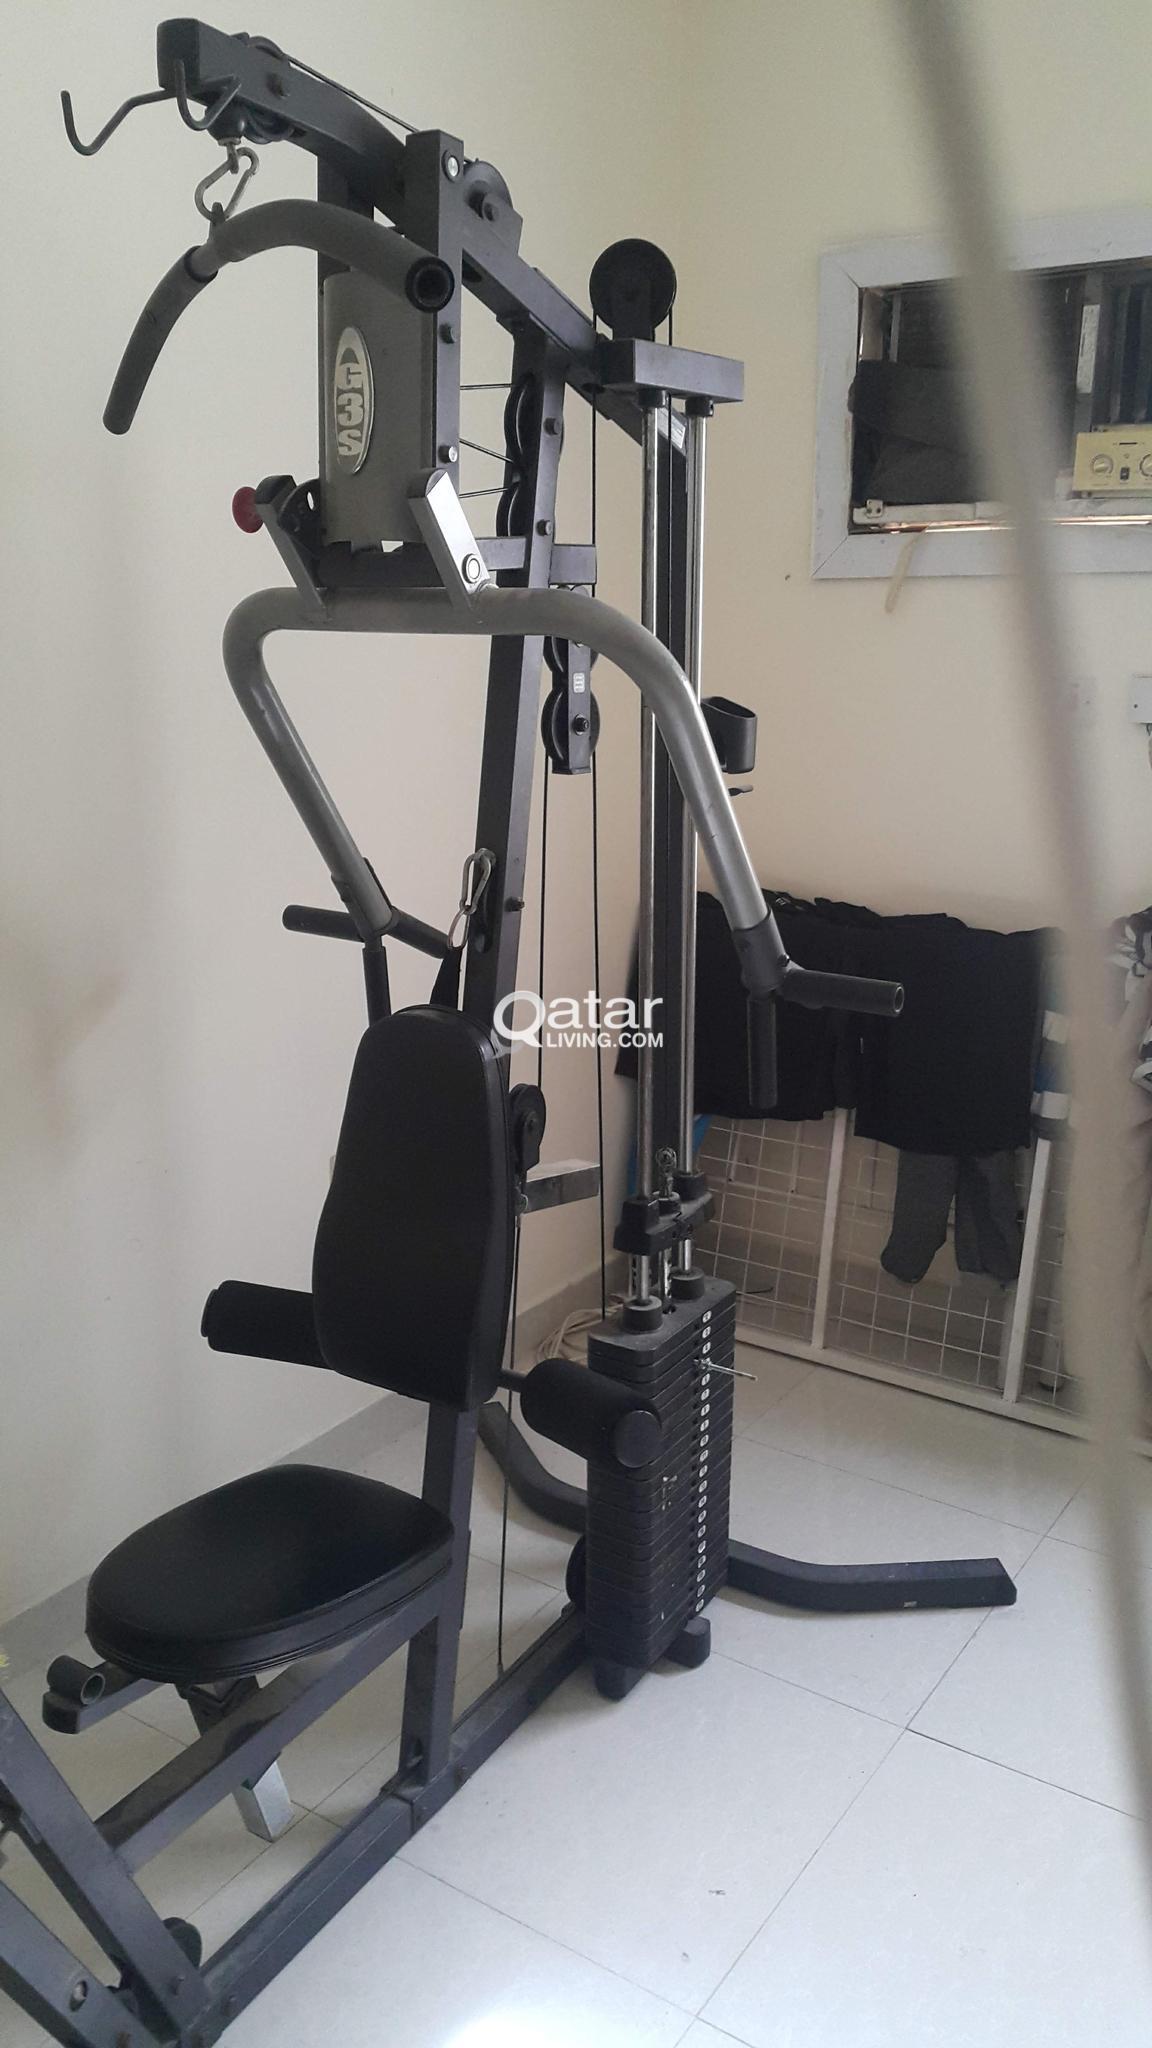 Home gym qatar living